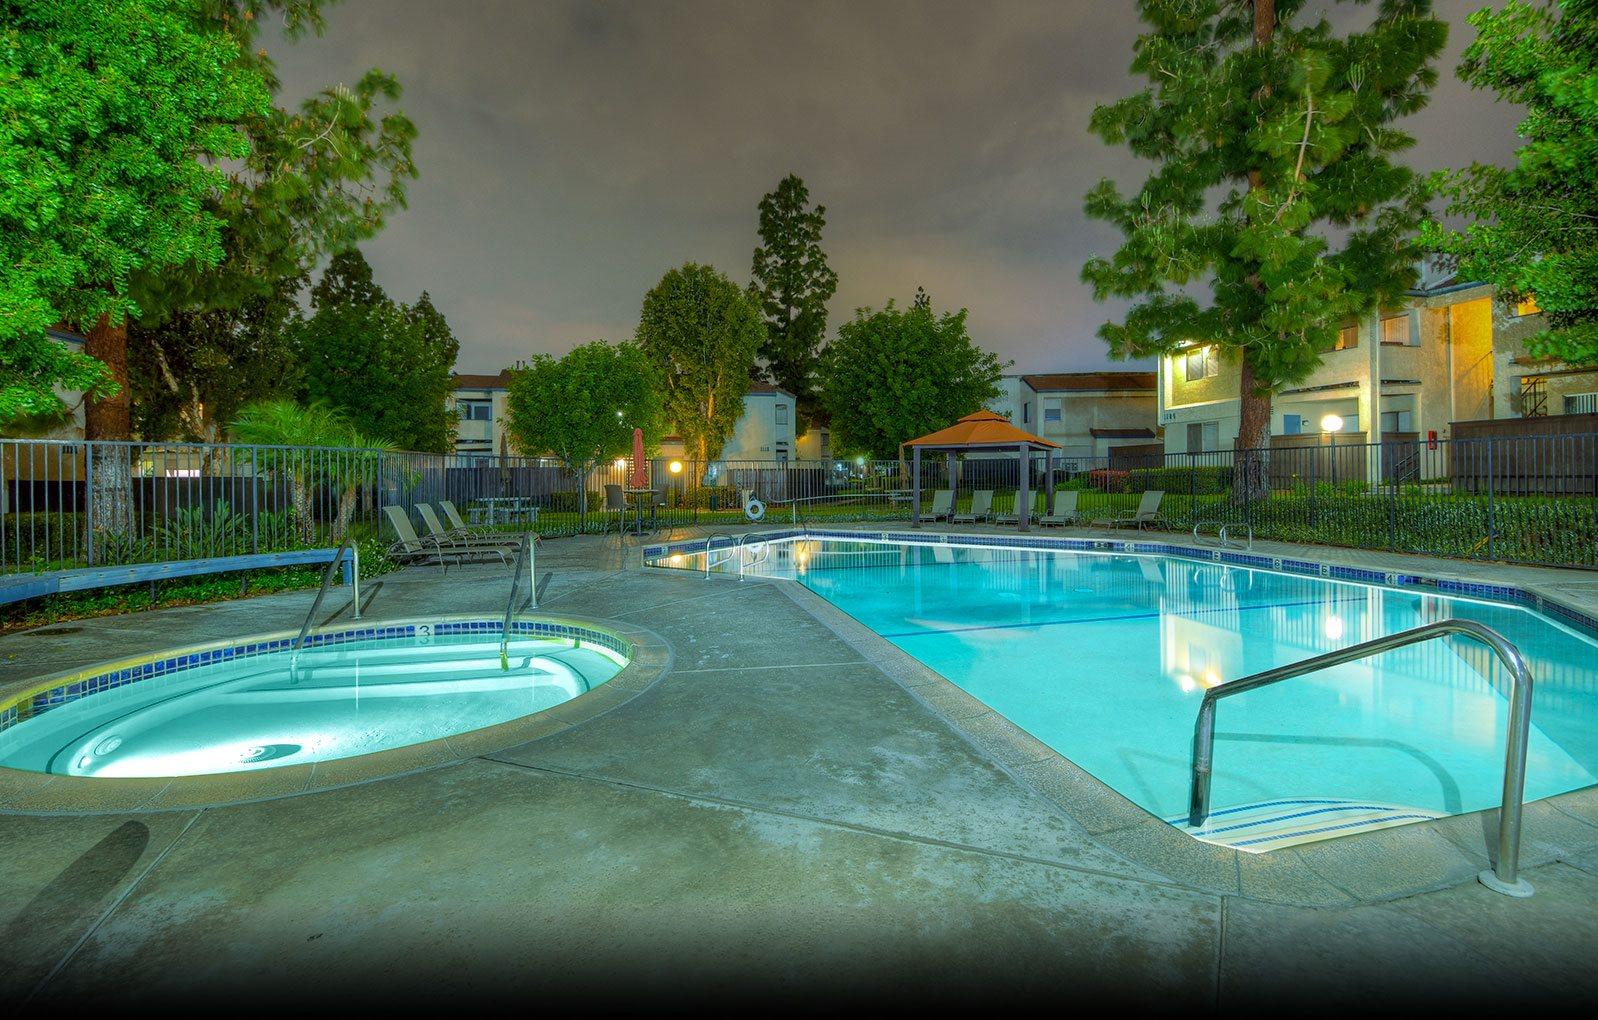 Windwood Apartments Pool & Spa